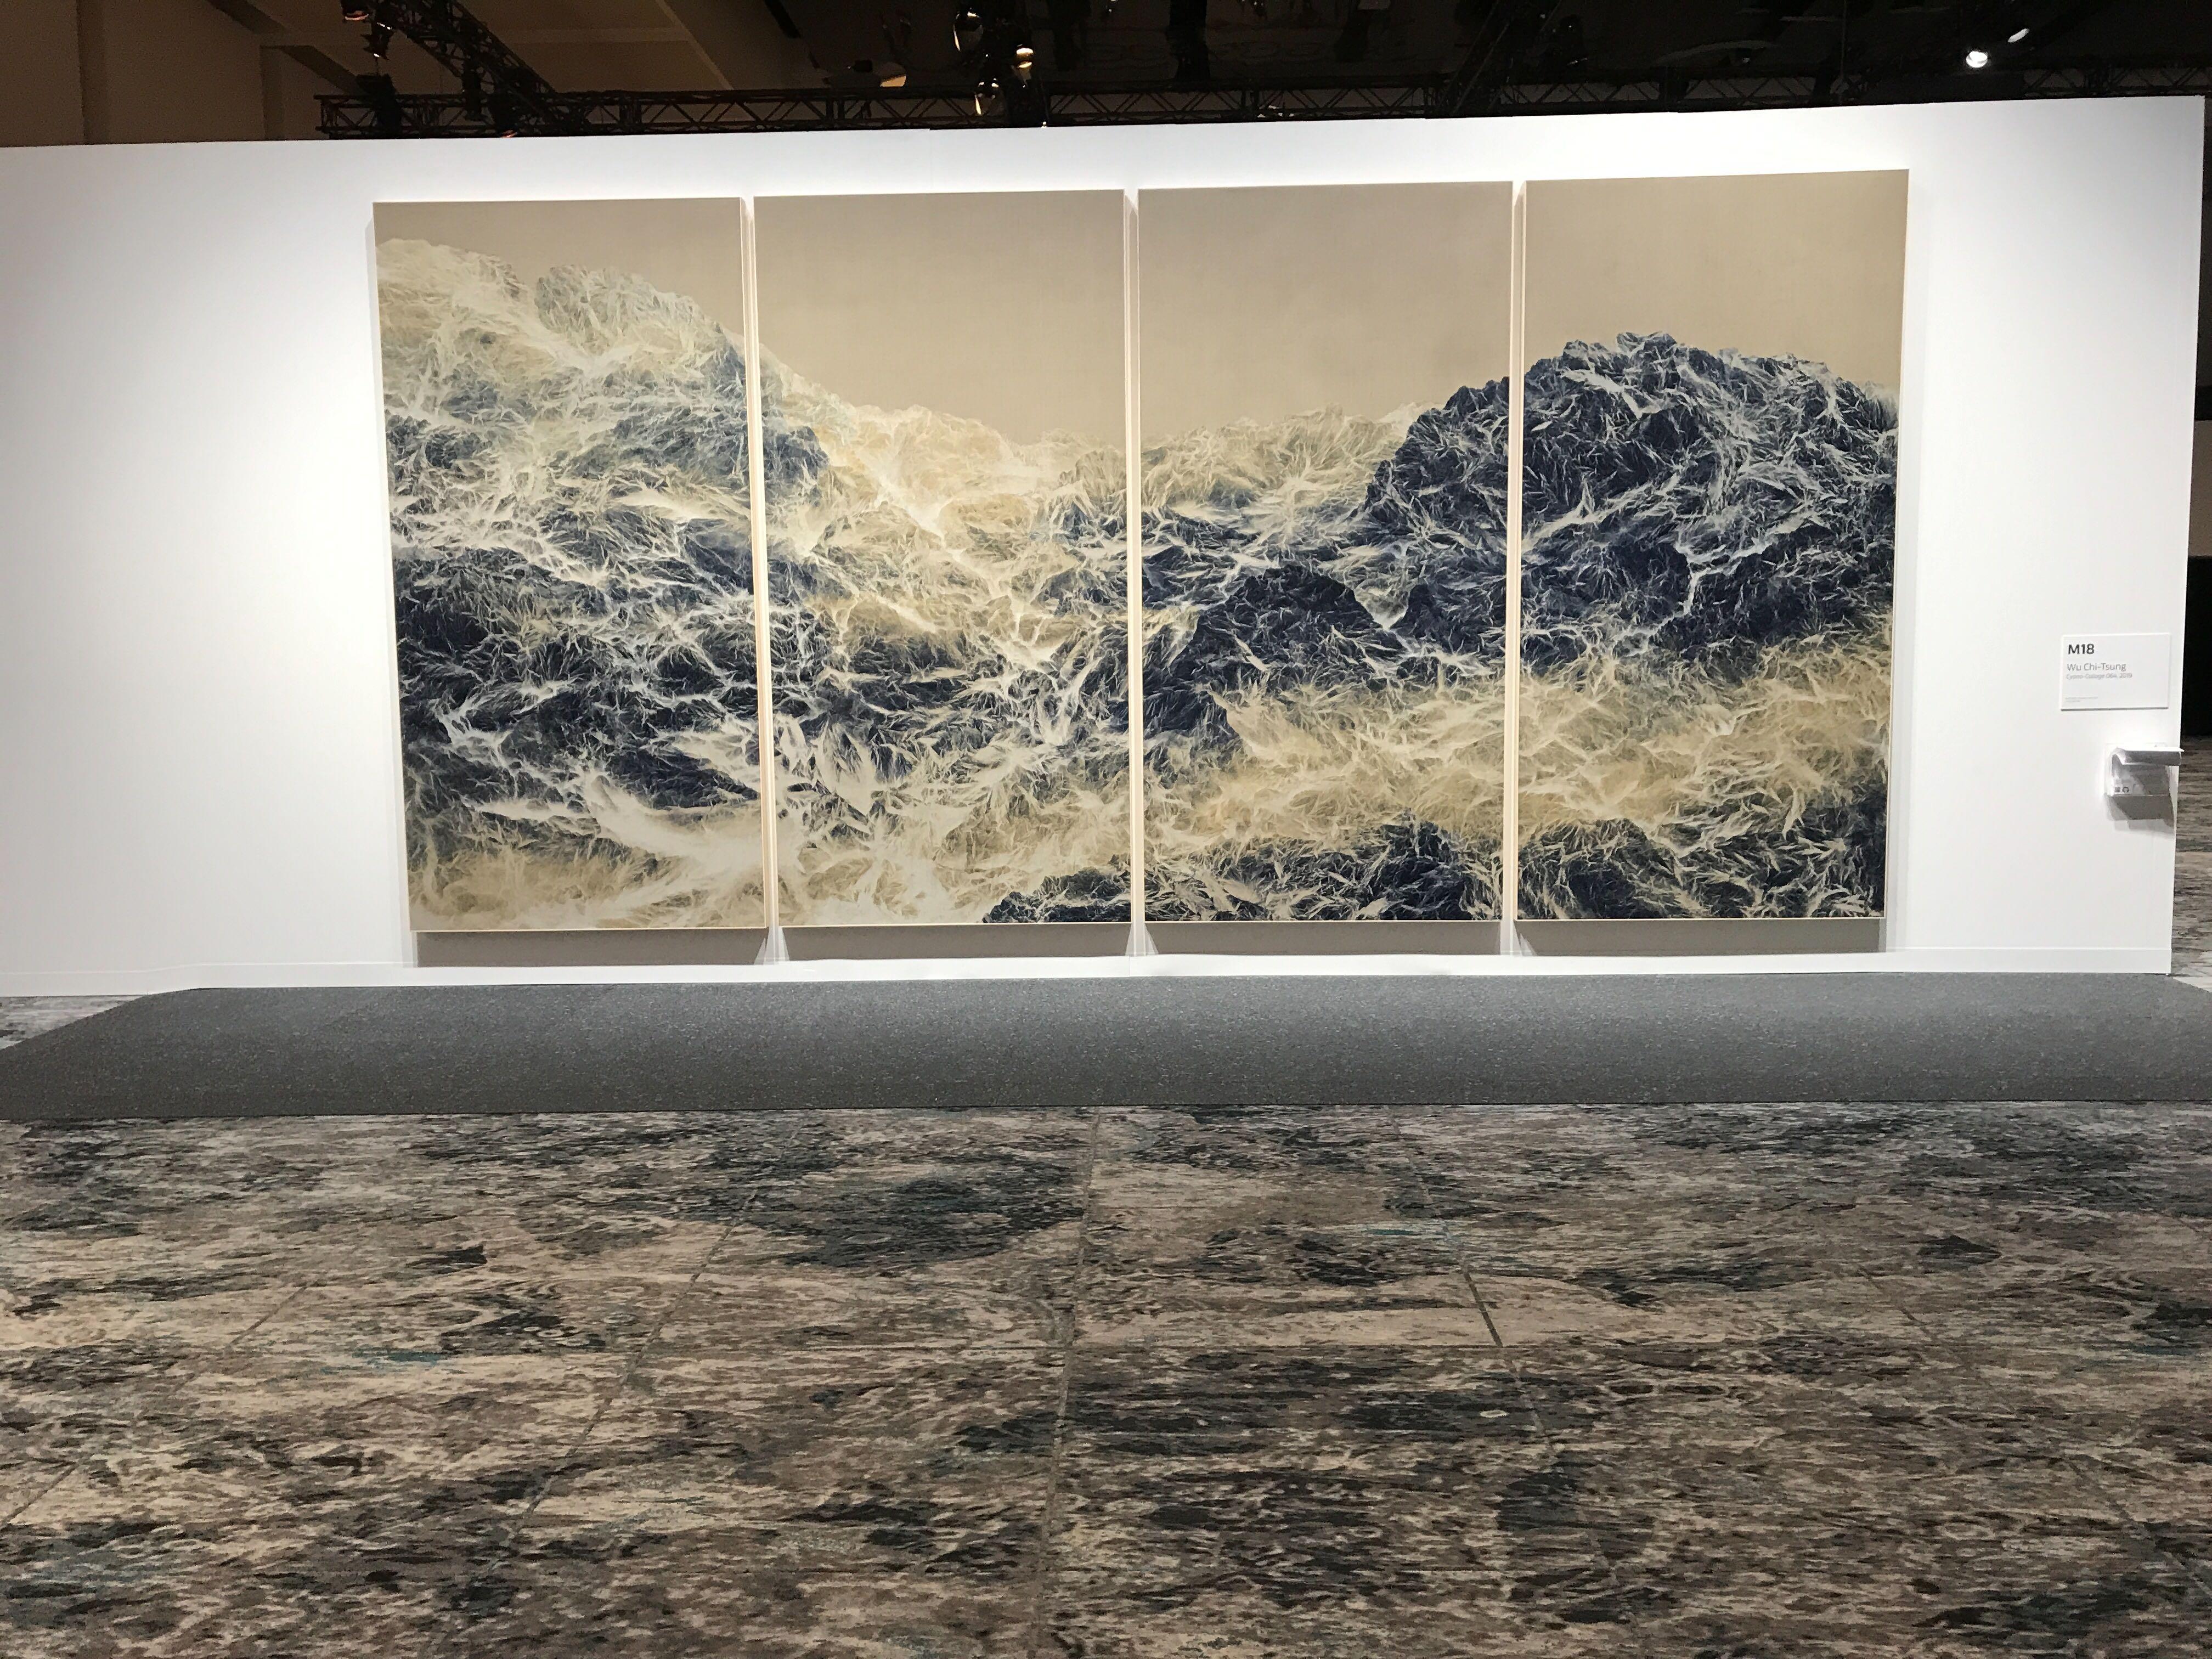 Fotografía del Cyano Collage de Wu Chi Tsung , Fotografía de Miguel Ángel Antoñanzas